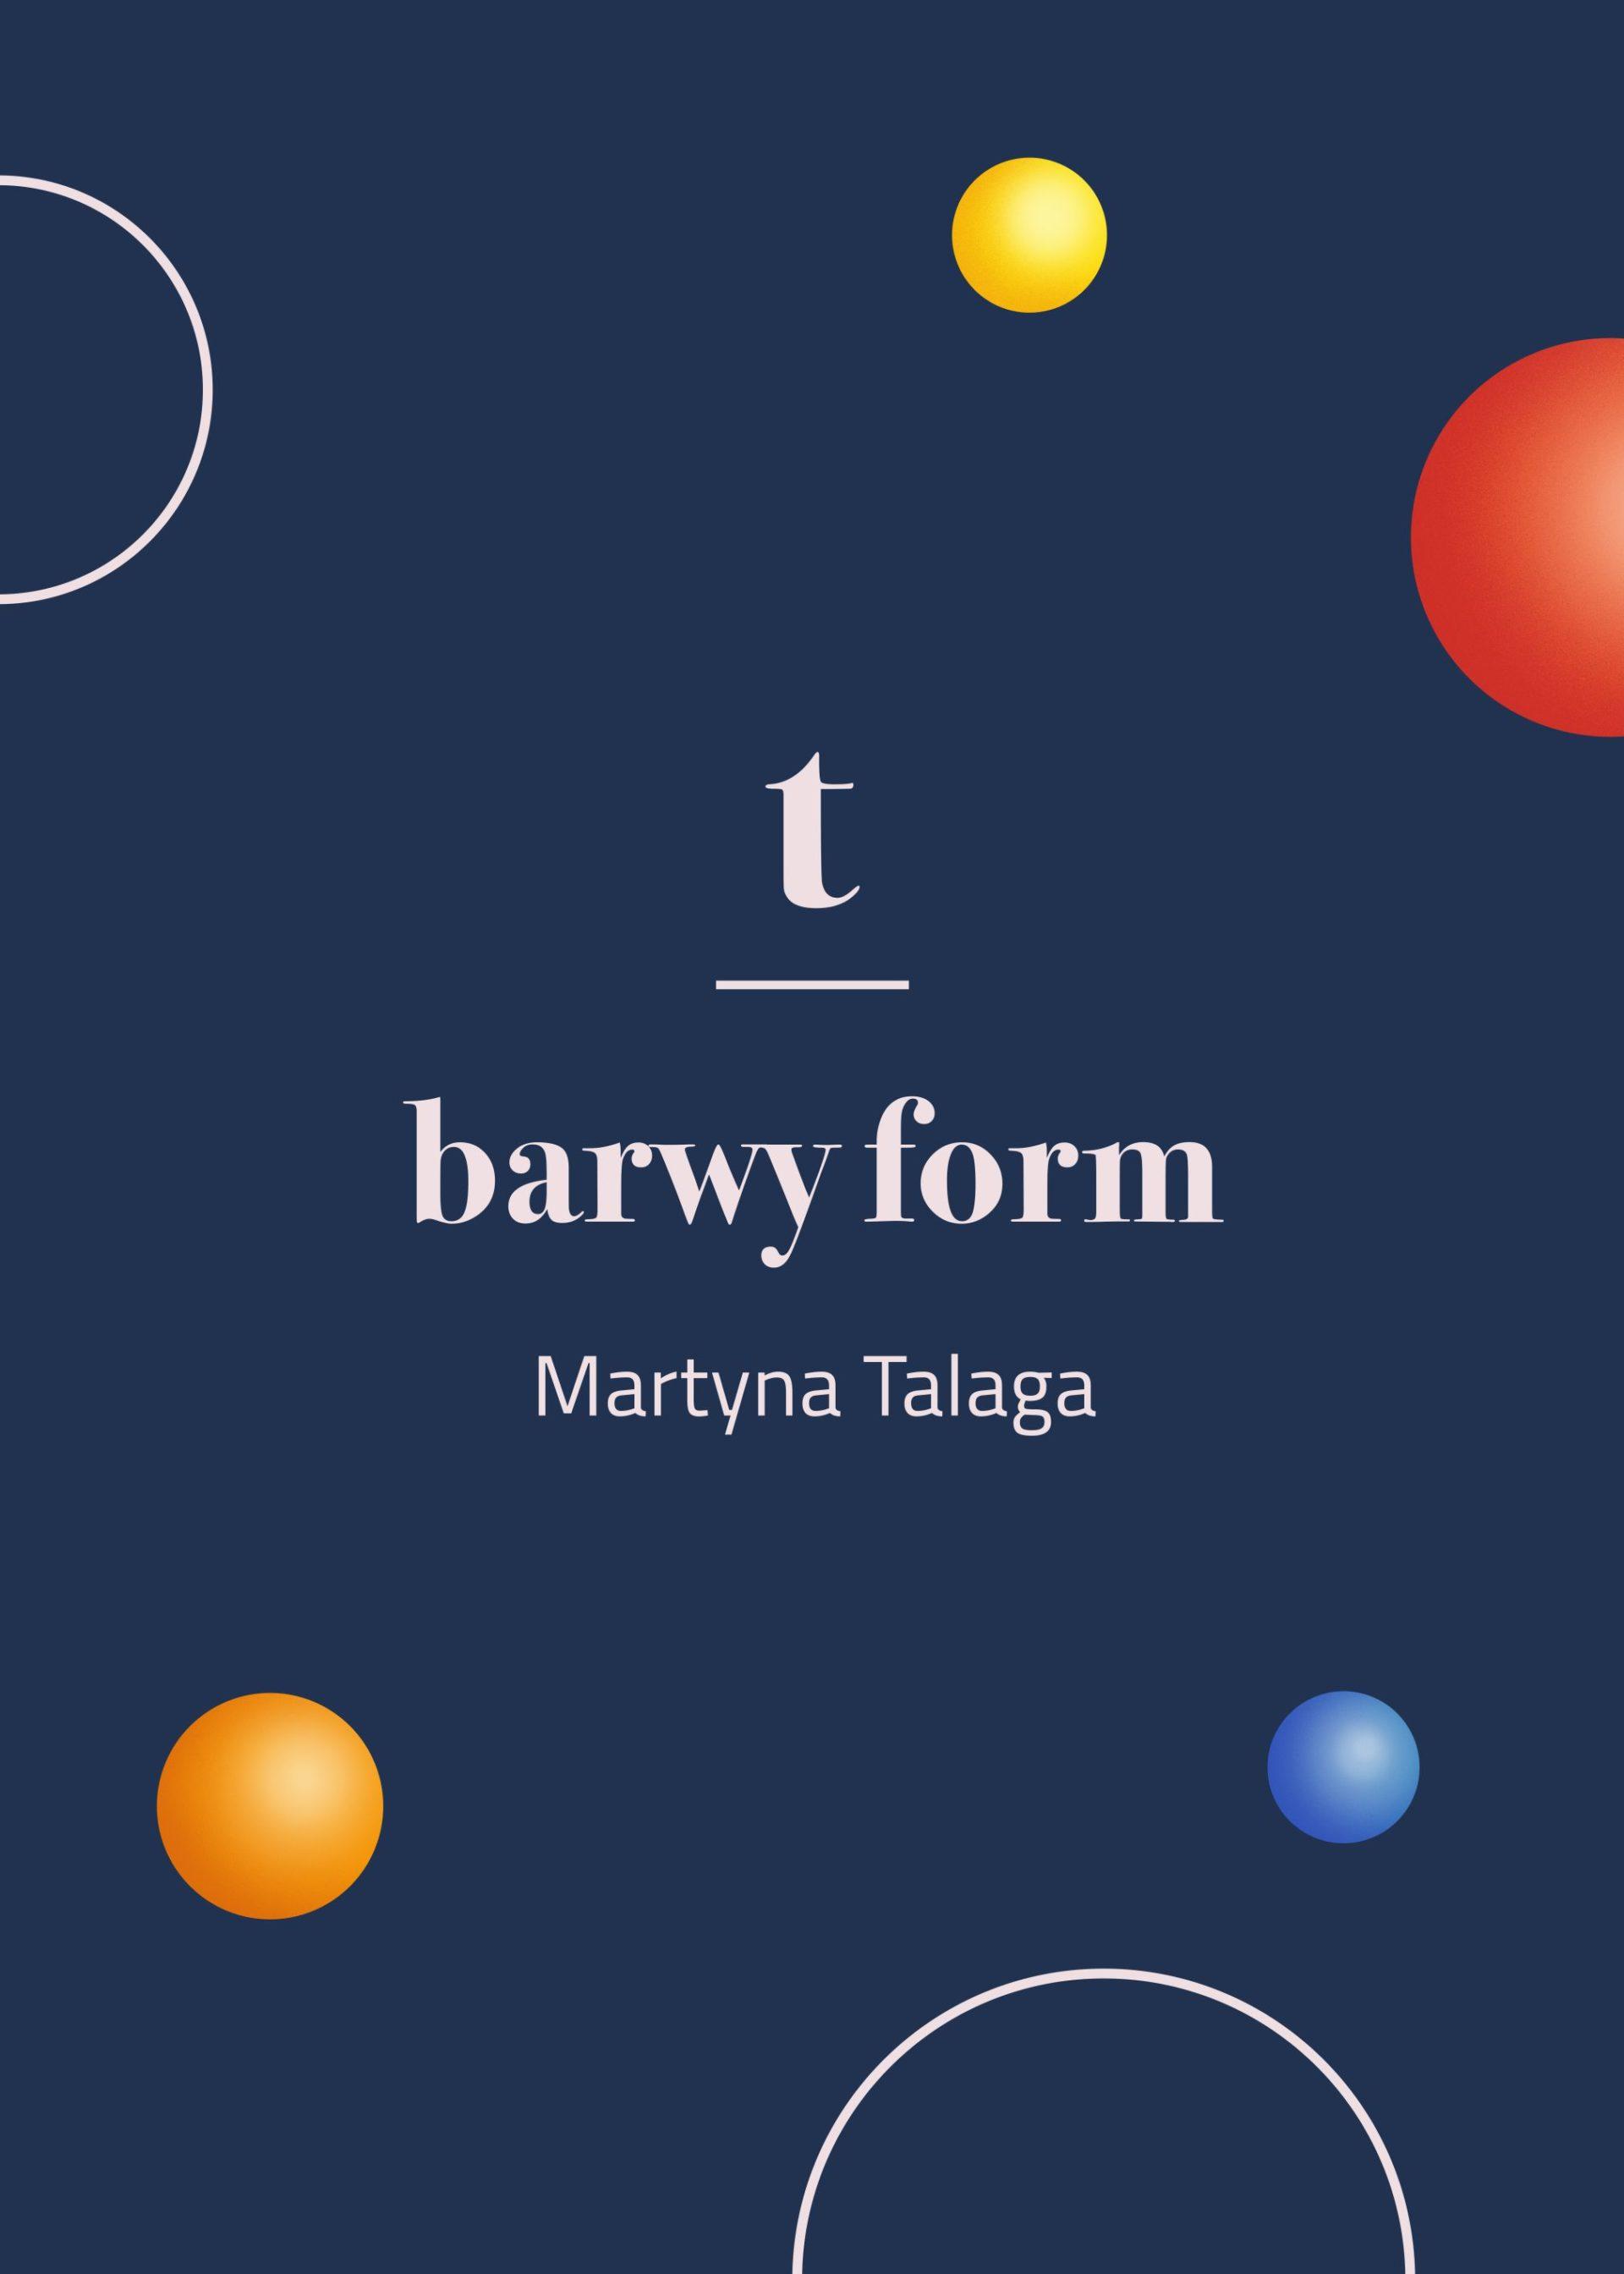 Martyna Talaga | Barwy form